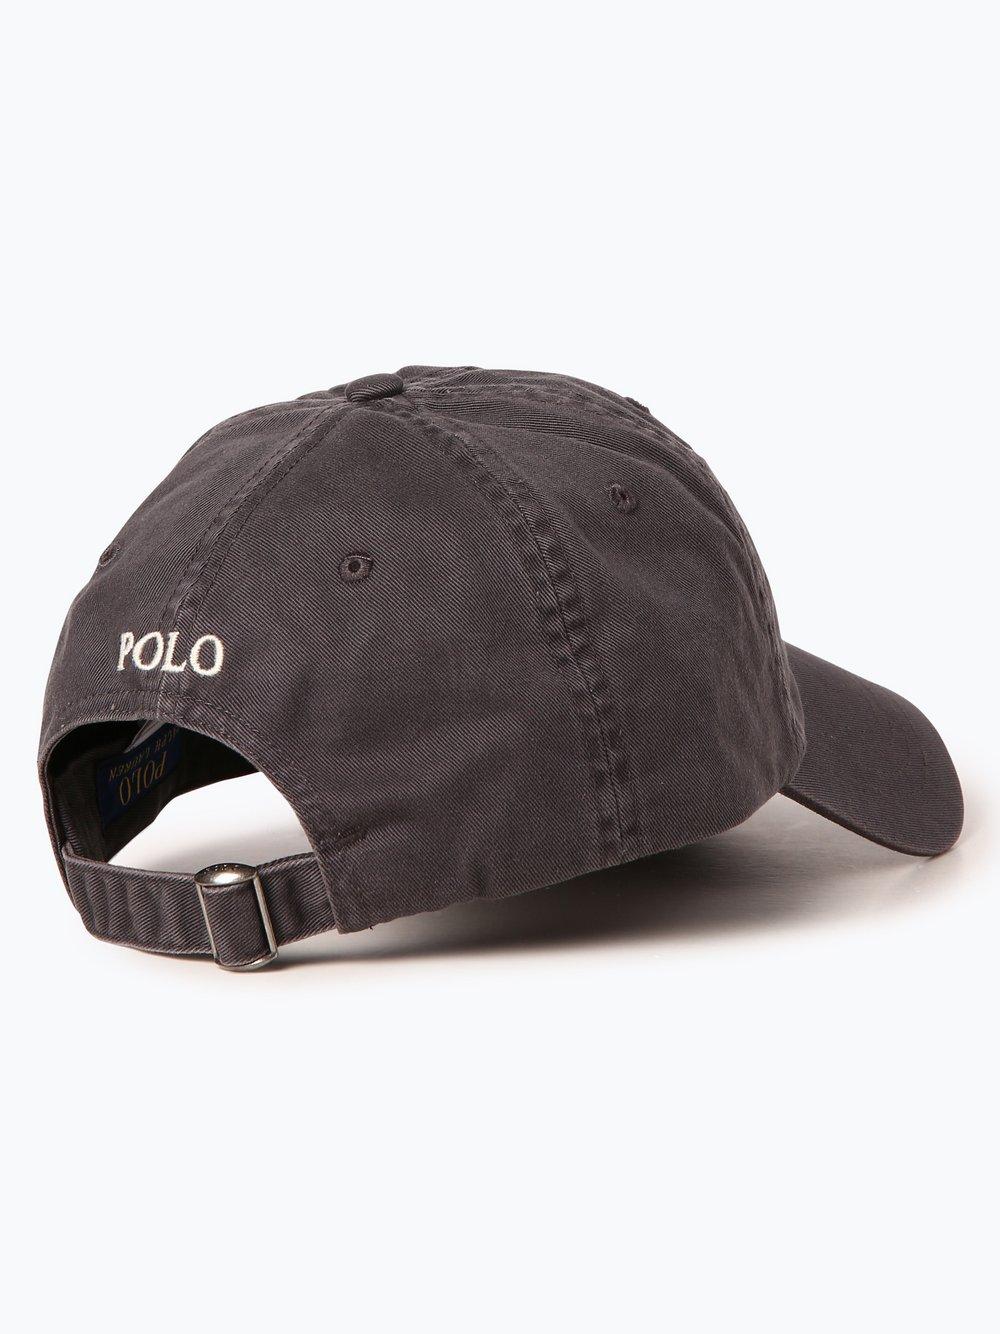 premium selection 6ed2f 5b5b5 Polo Ralph Lauren Herren Cap online kaufen   VANGRAAF.COM